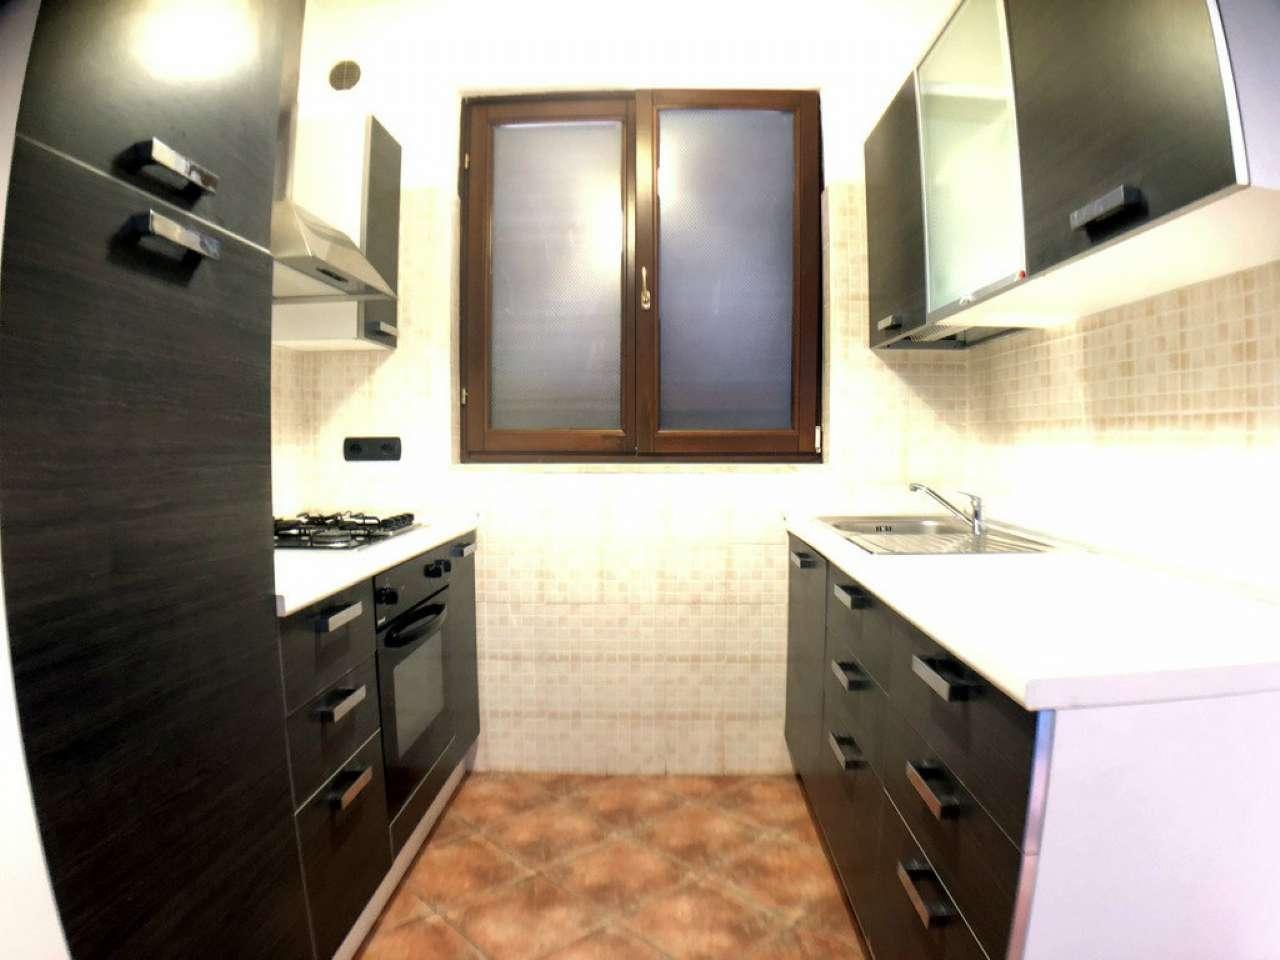 Appartamento in vendita a Surbo, 2 locali, prezzo € 75.000 | PortaleAgenzieImmobiliari.it